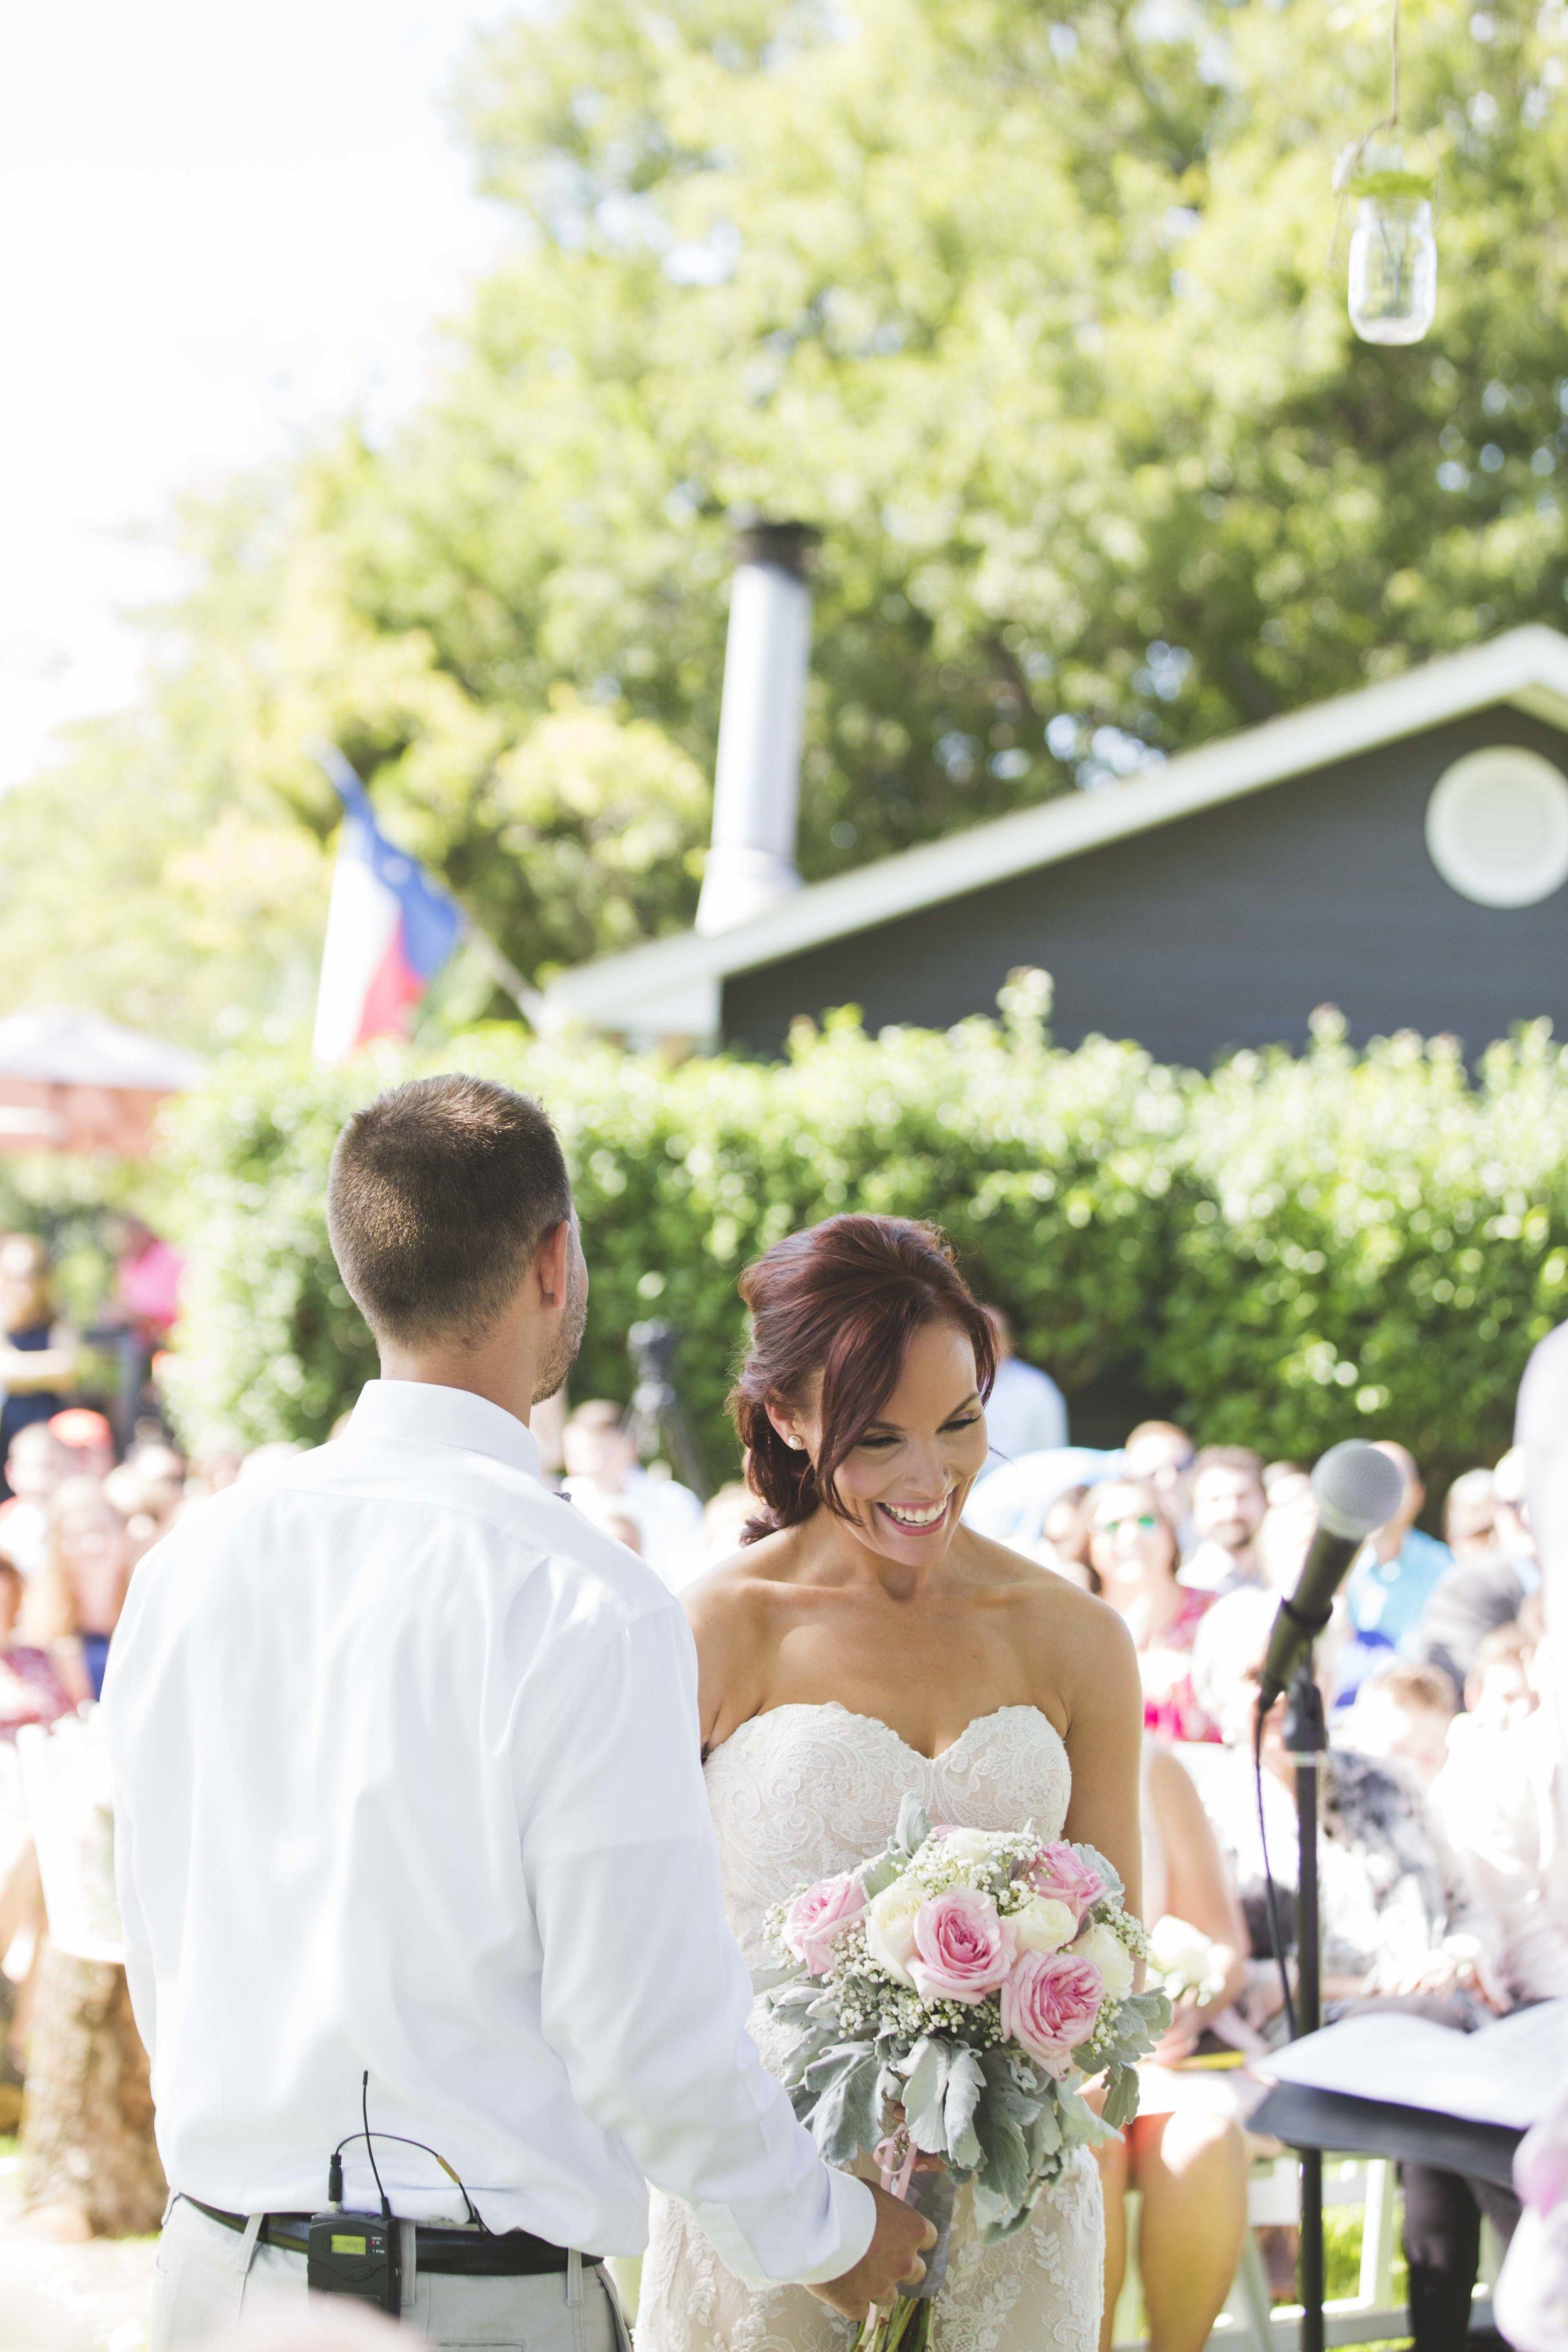 ATGI_Susanna & Matt Wedding_717A7644.jpg